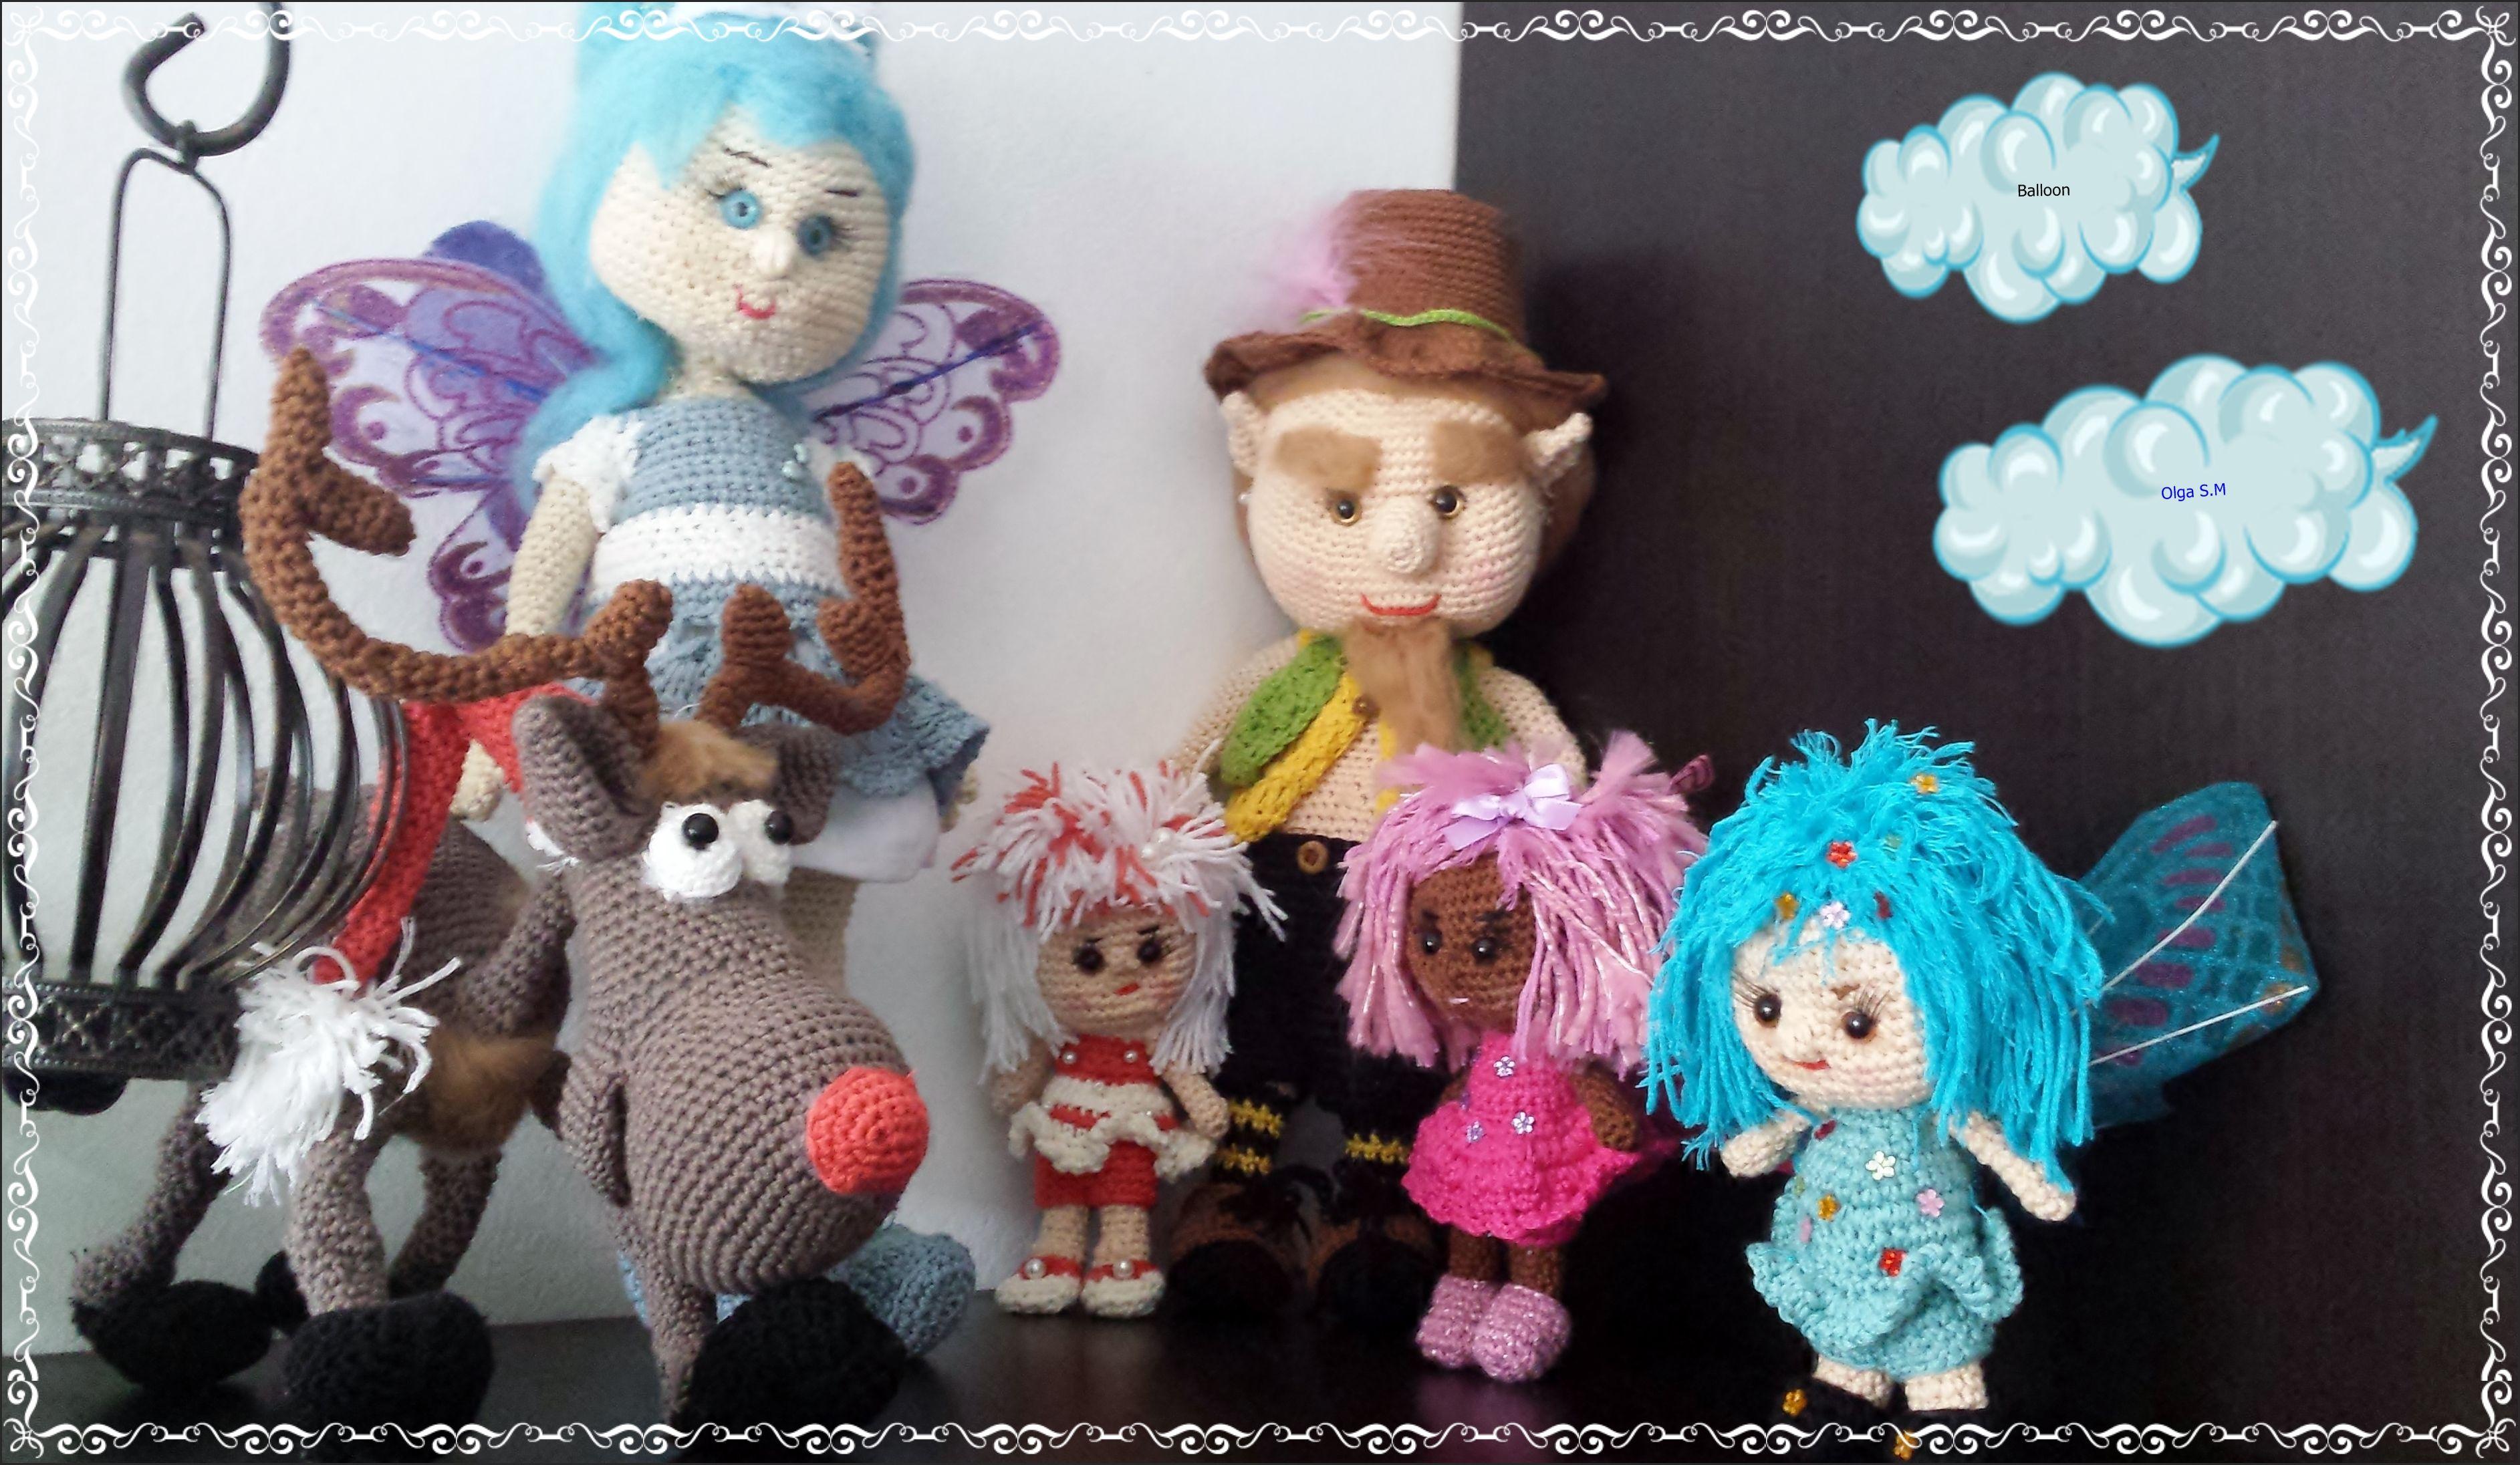 Amigurumi Crochet Personajes : Personajes de fantasia patrón de hadas elfo crochet dolls